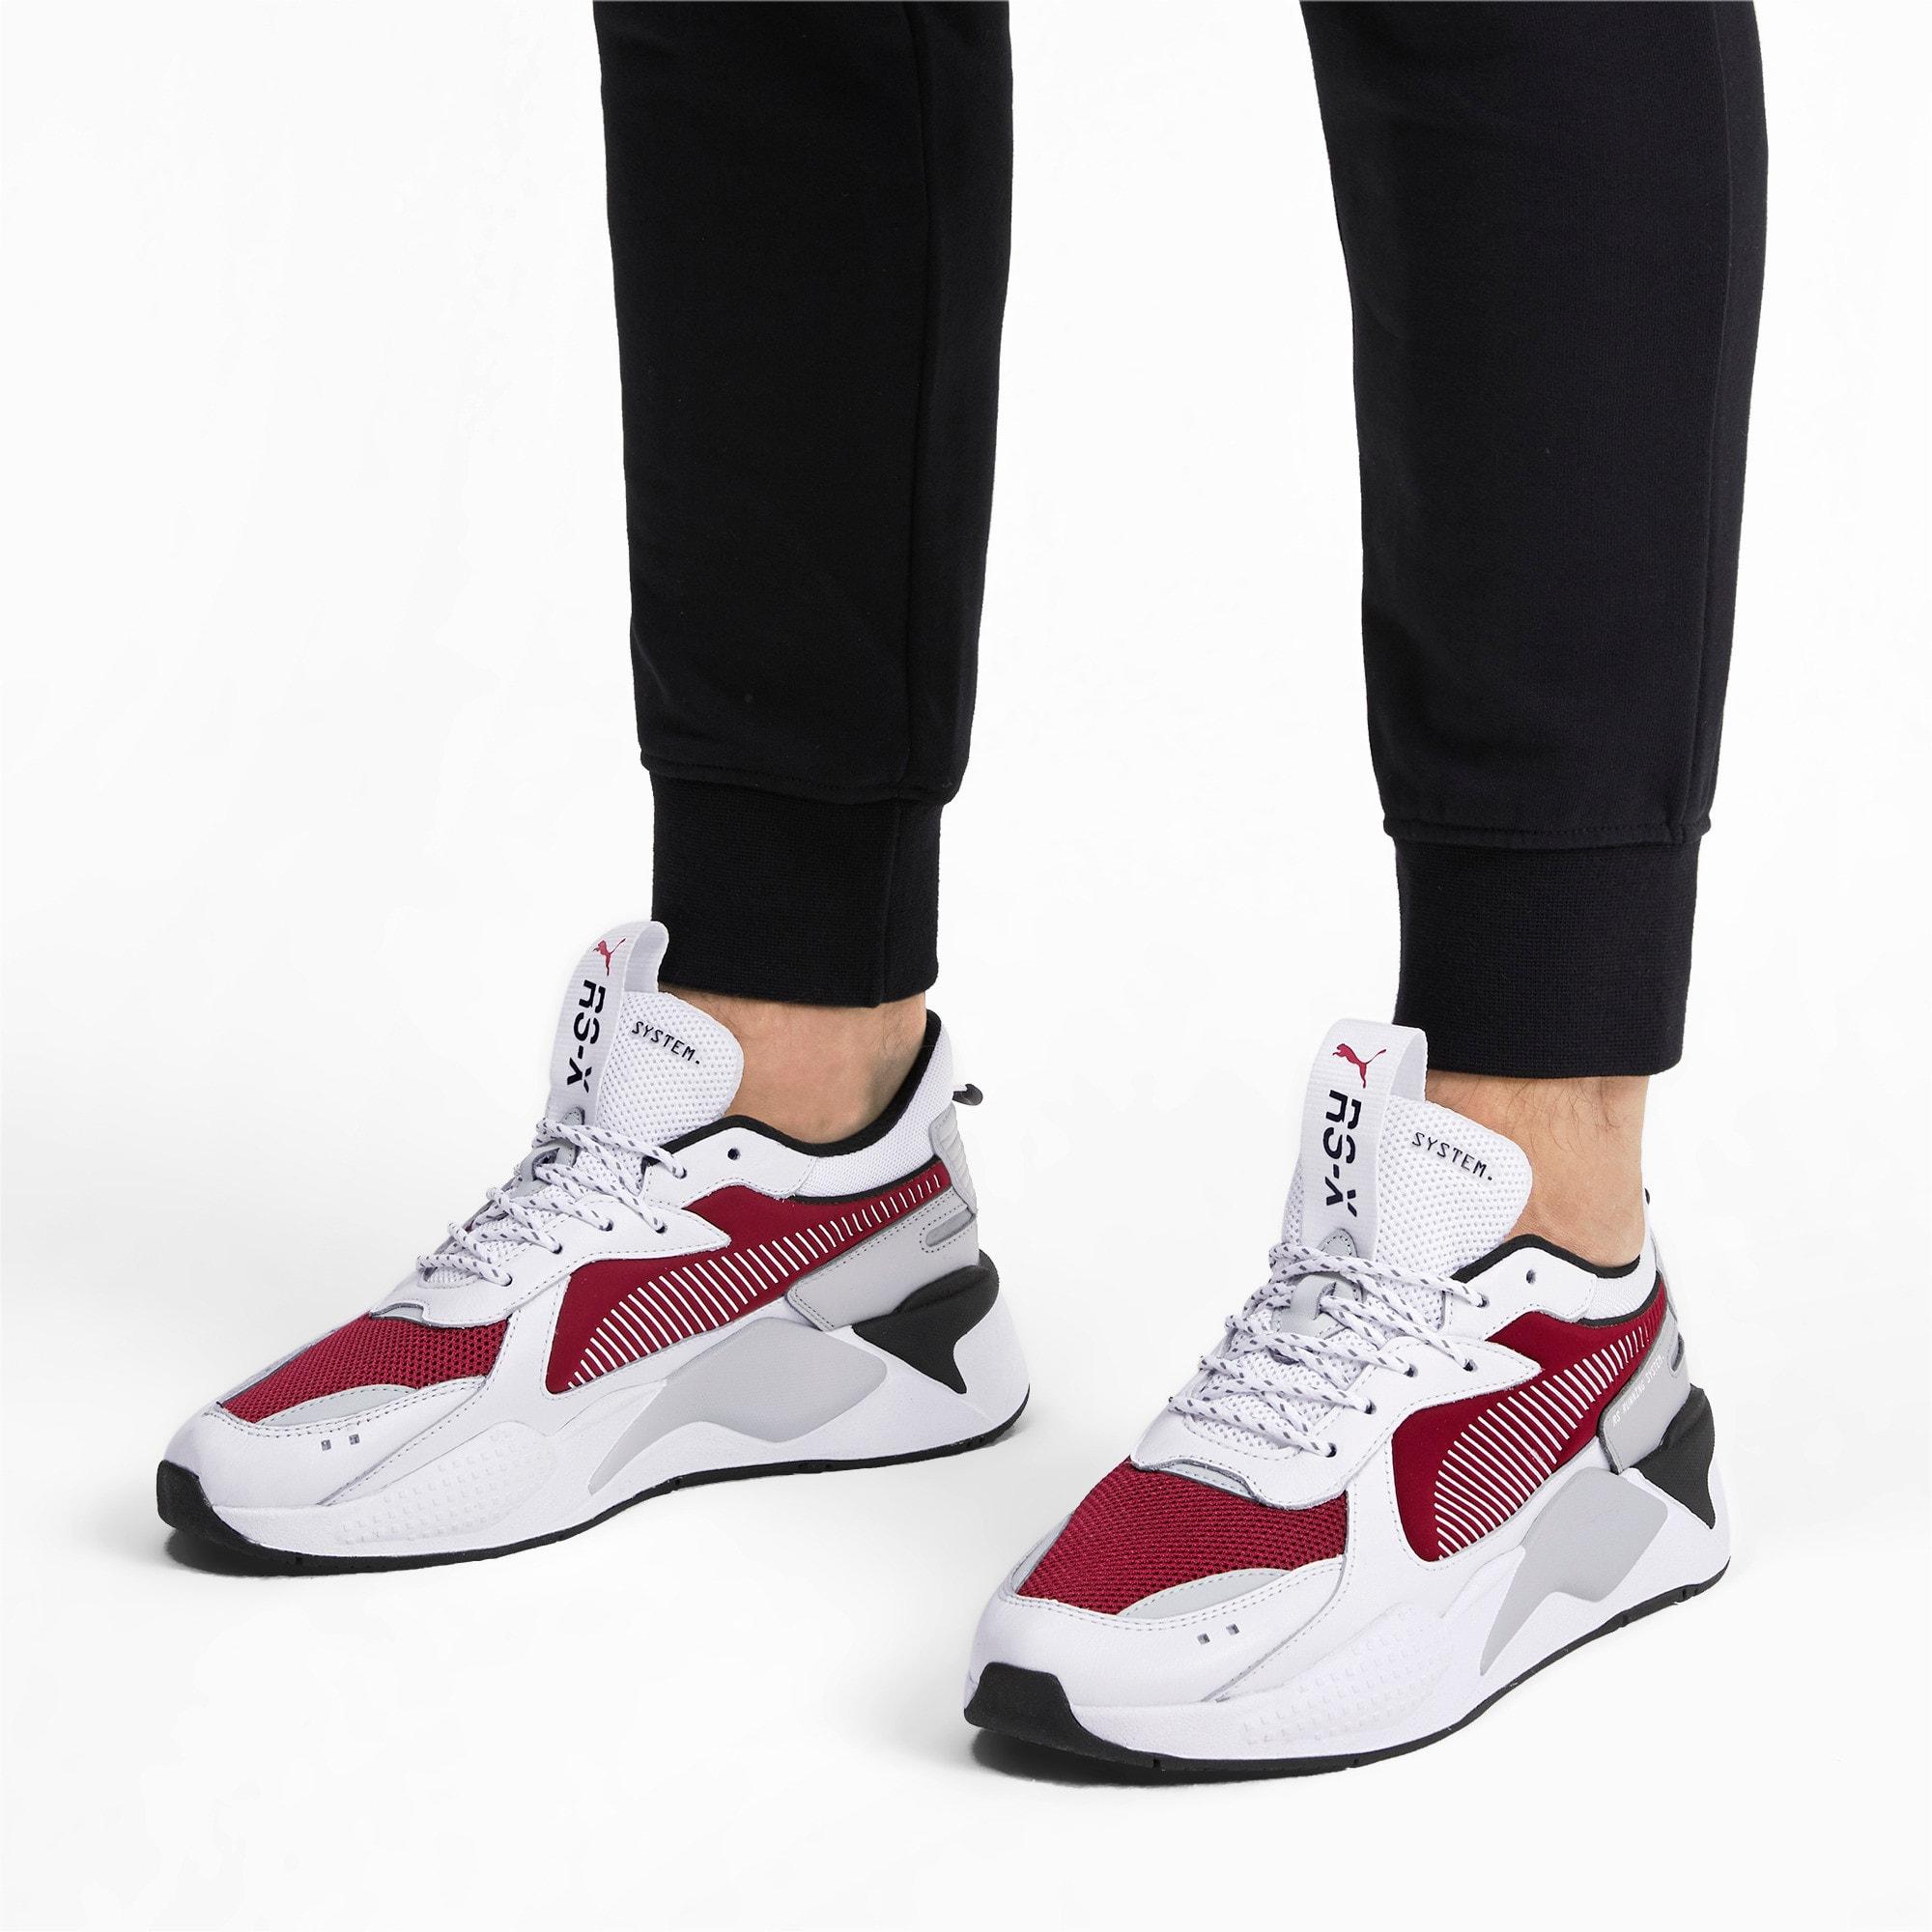 Thumbnail 2 of RS-X Sneaker, Puma White-Rhubarb, medium